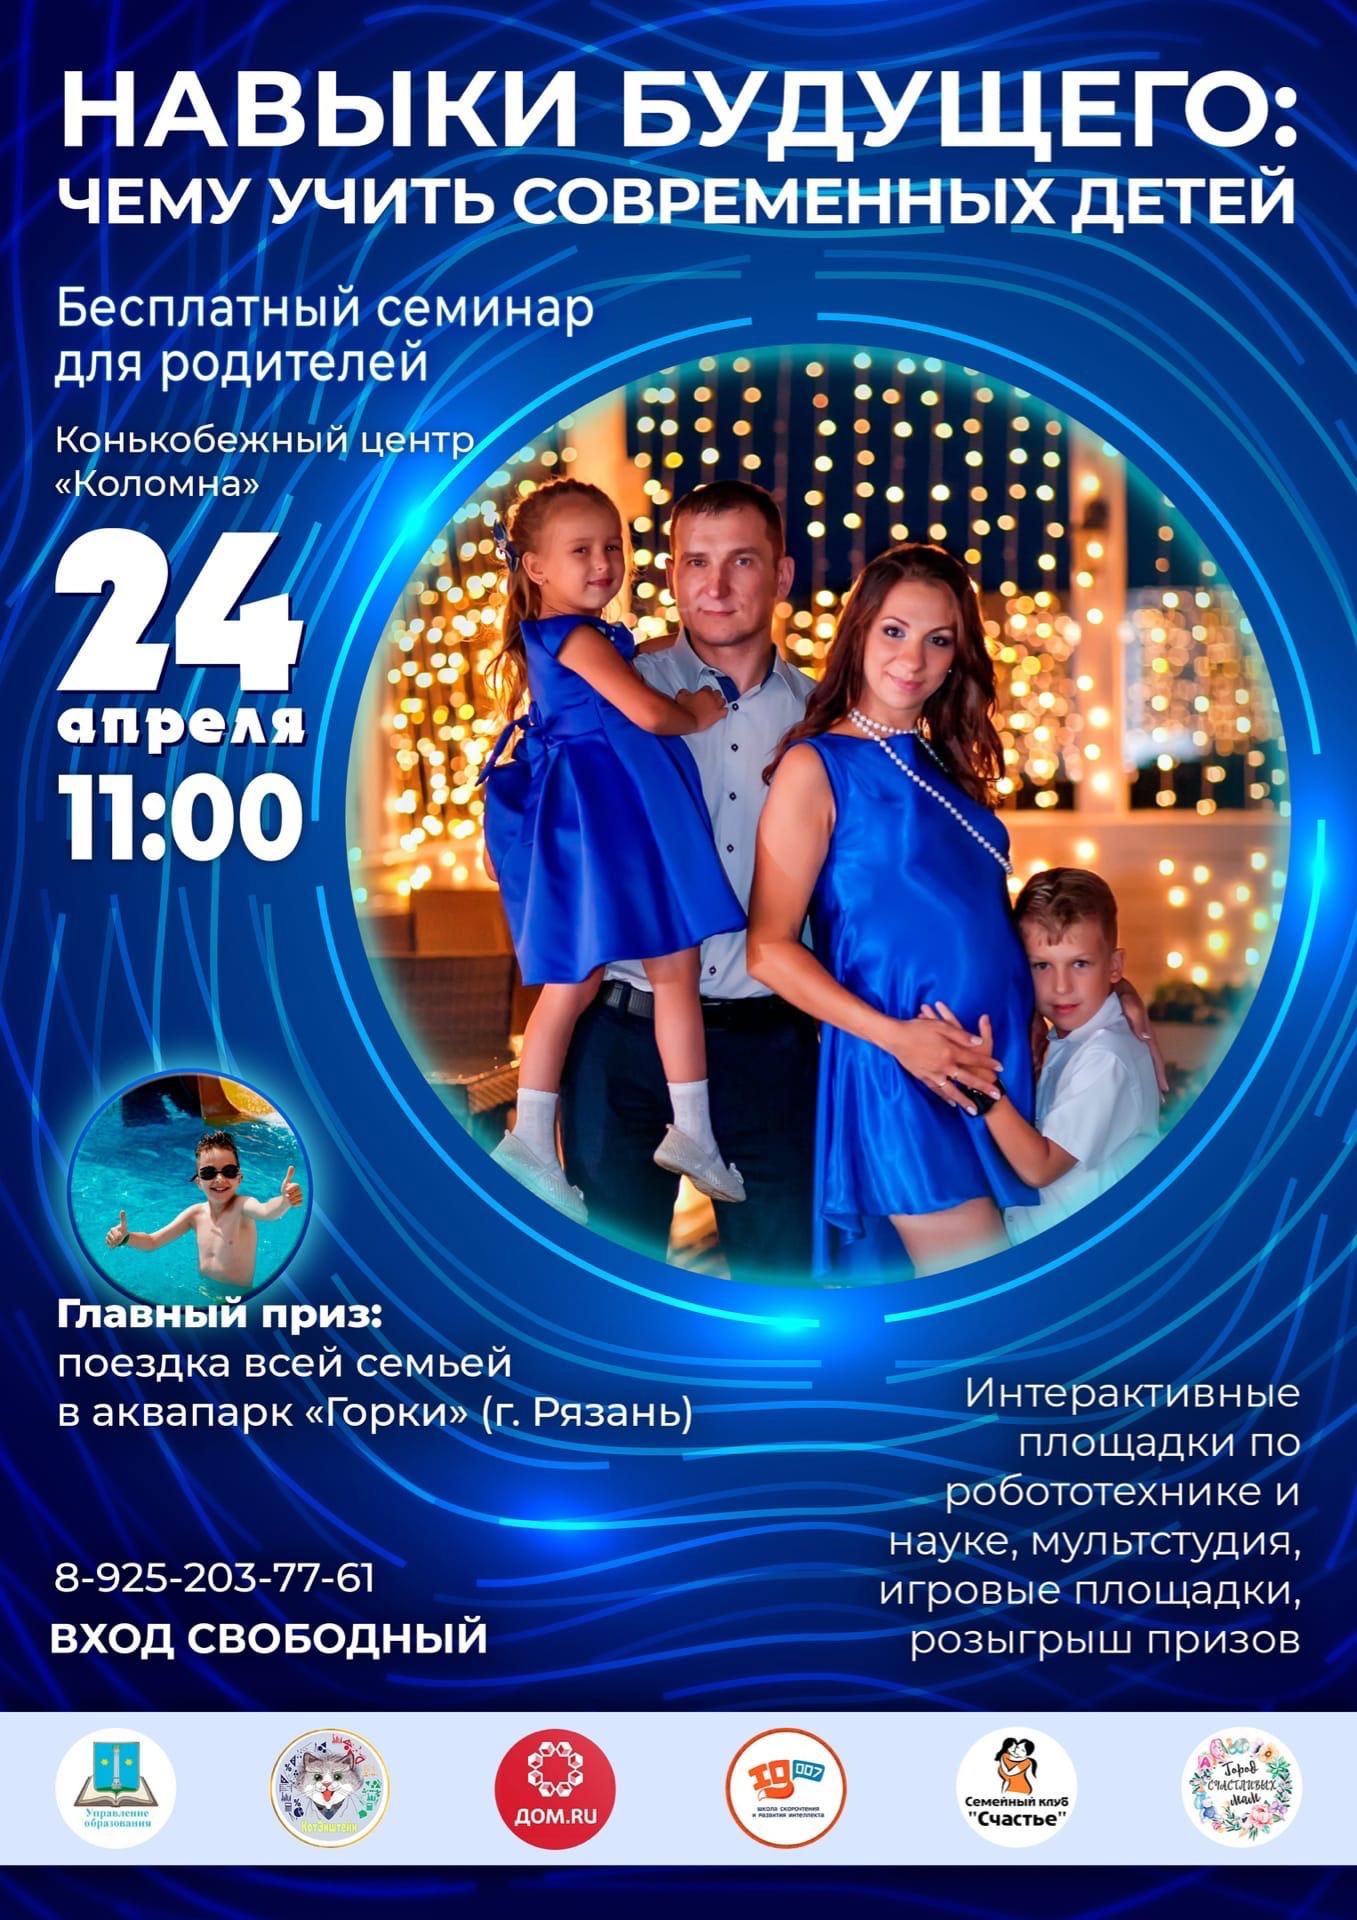 чему учить современных детей» » Администрация Городского округа Коломна Московской области